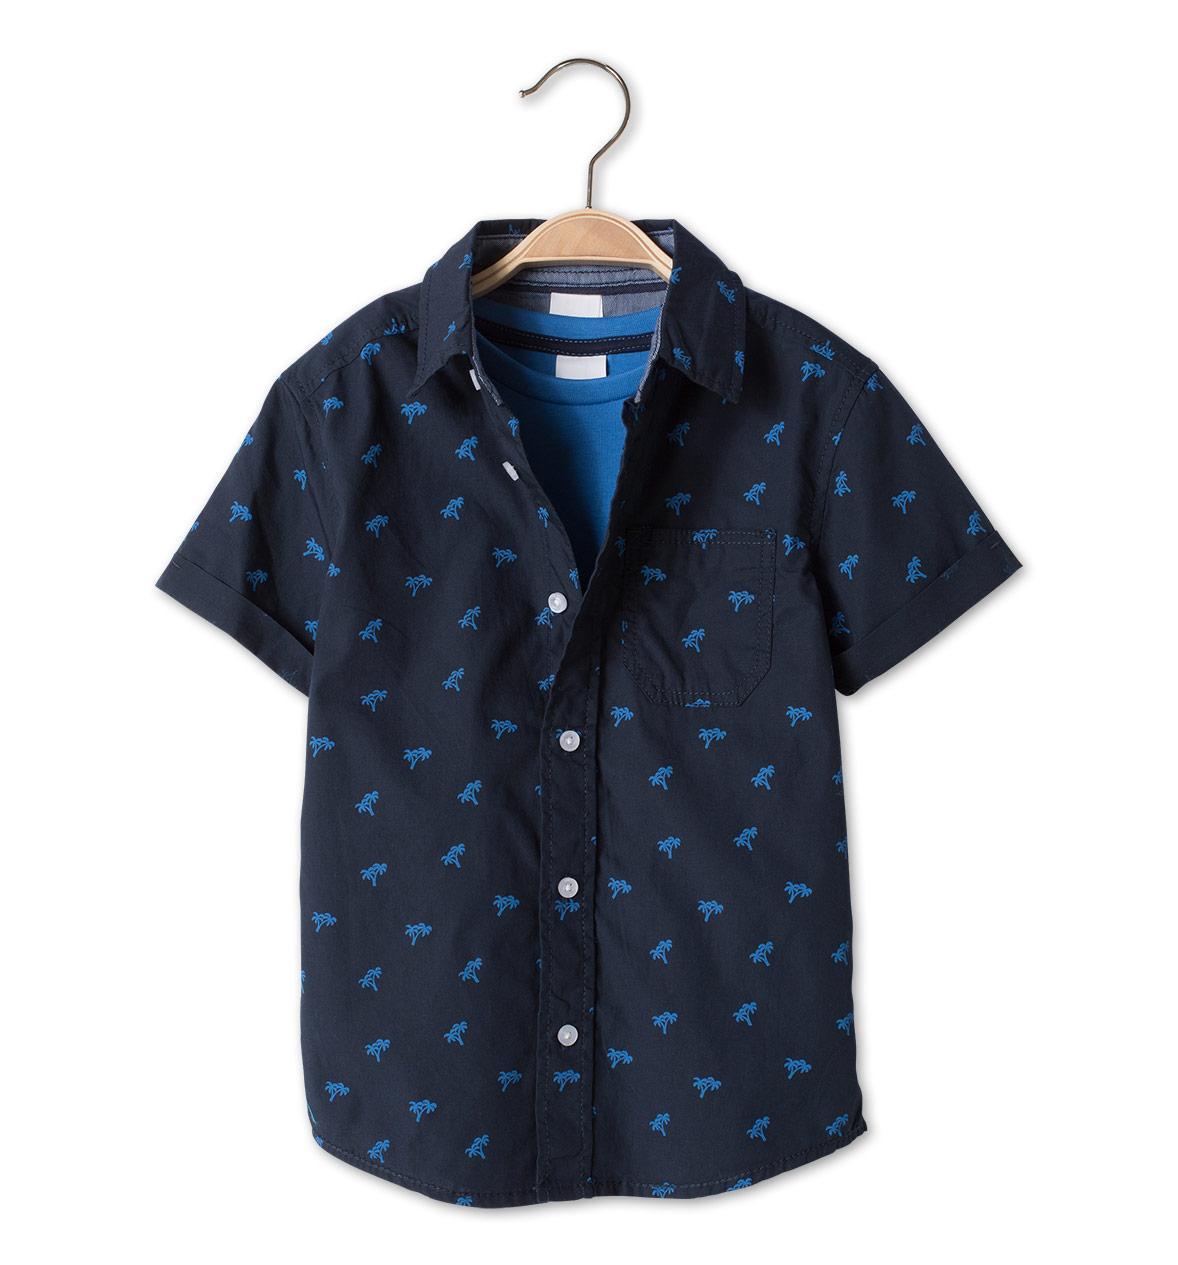 Летний набор рубашка и футболка на короткий рукав для мальчика 5 лет C&A Германия Размер 110